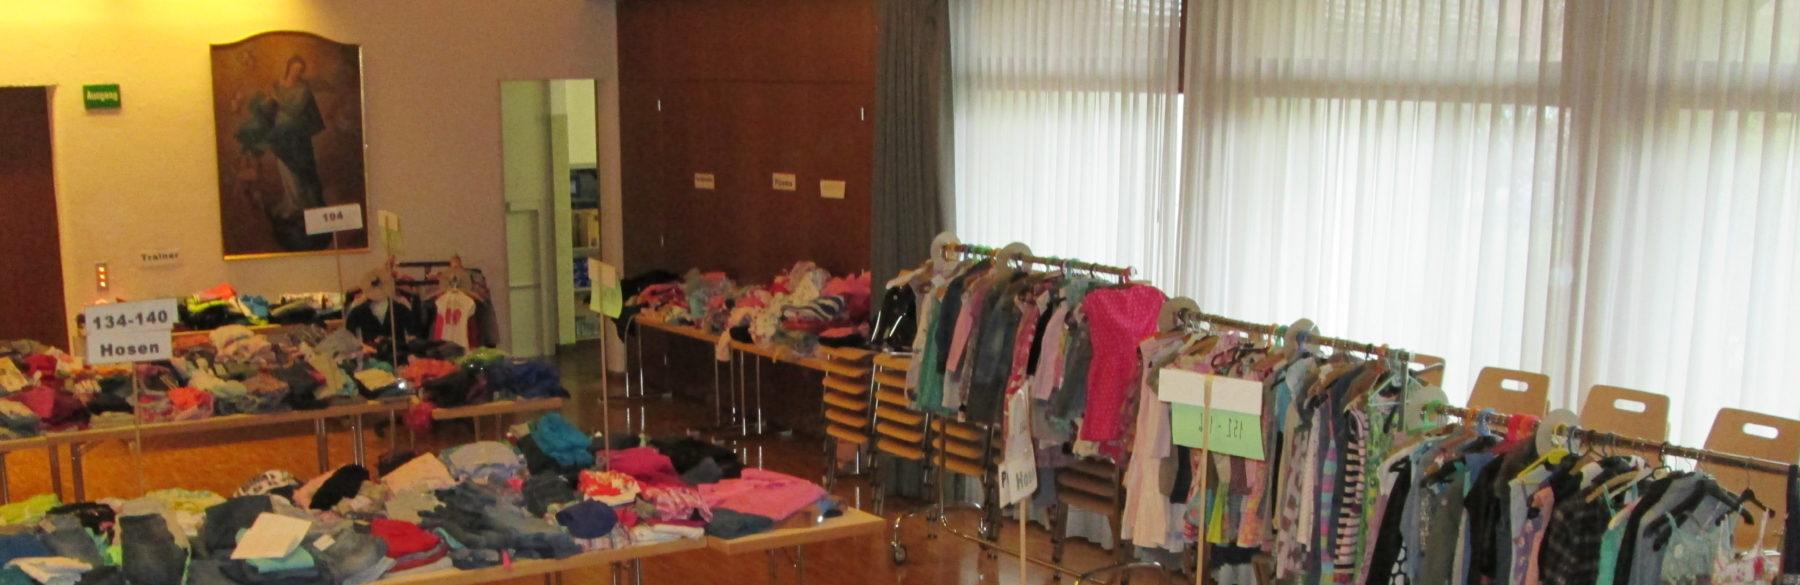 Kinderkleiderbörse Oberwil BL